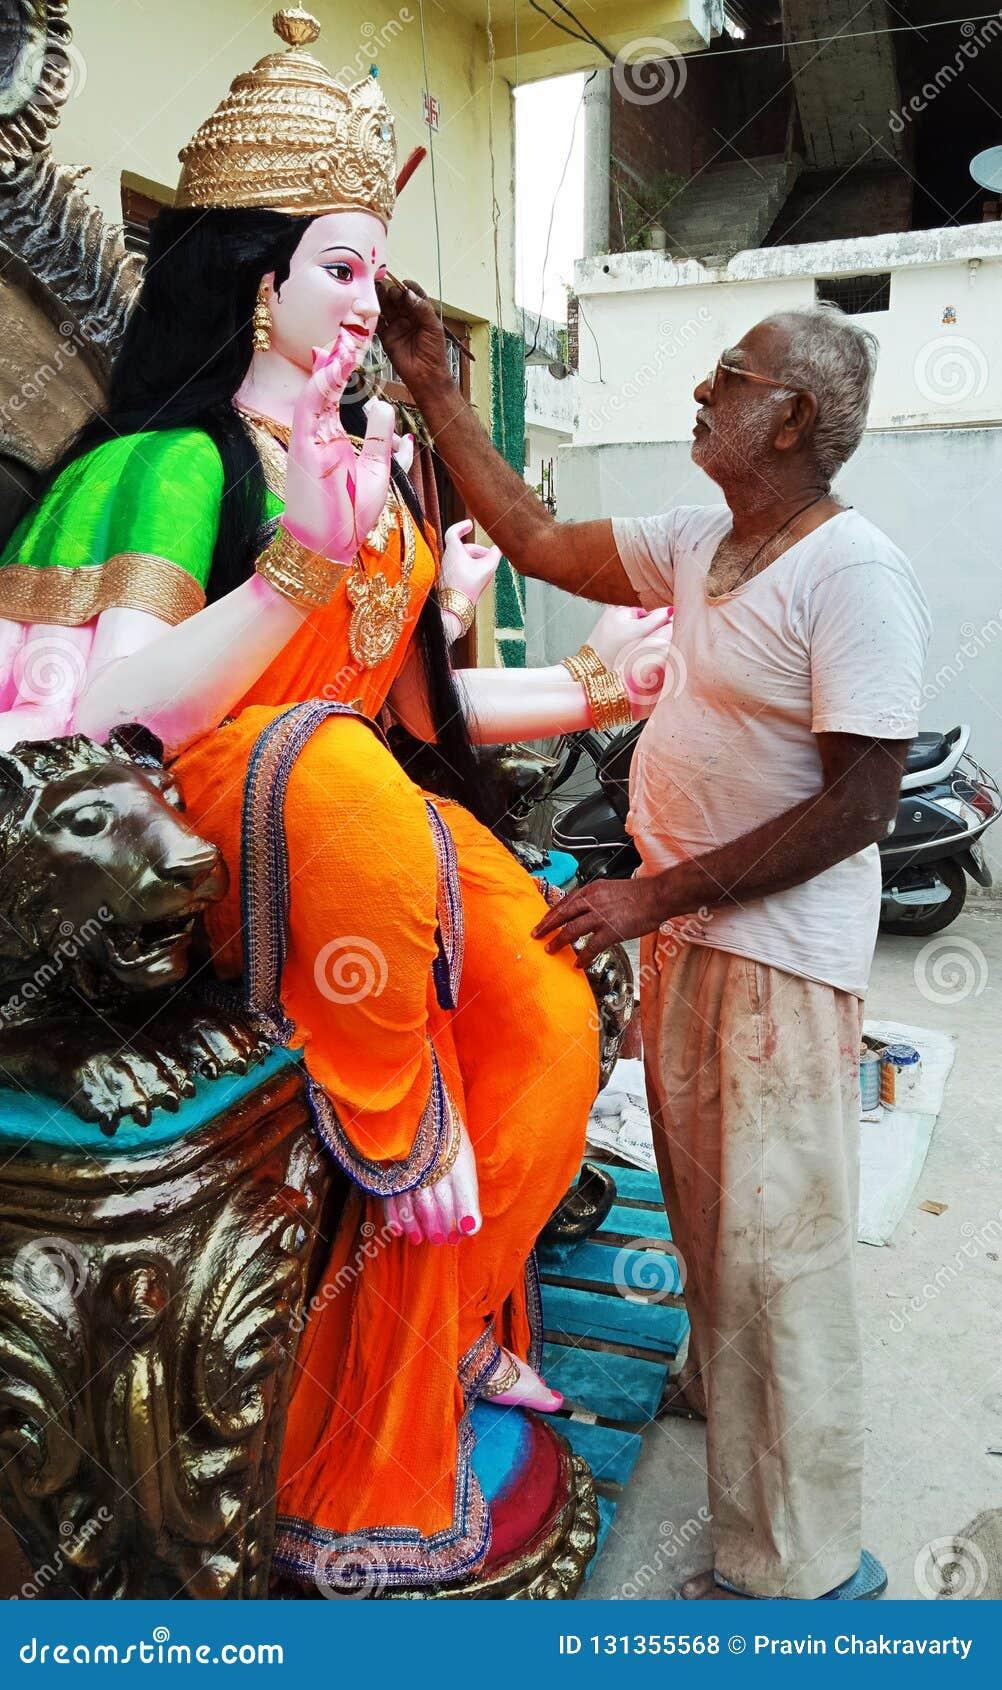 Artysta malował na rzeźbie bogini Durga Indiański festiwal